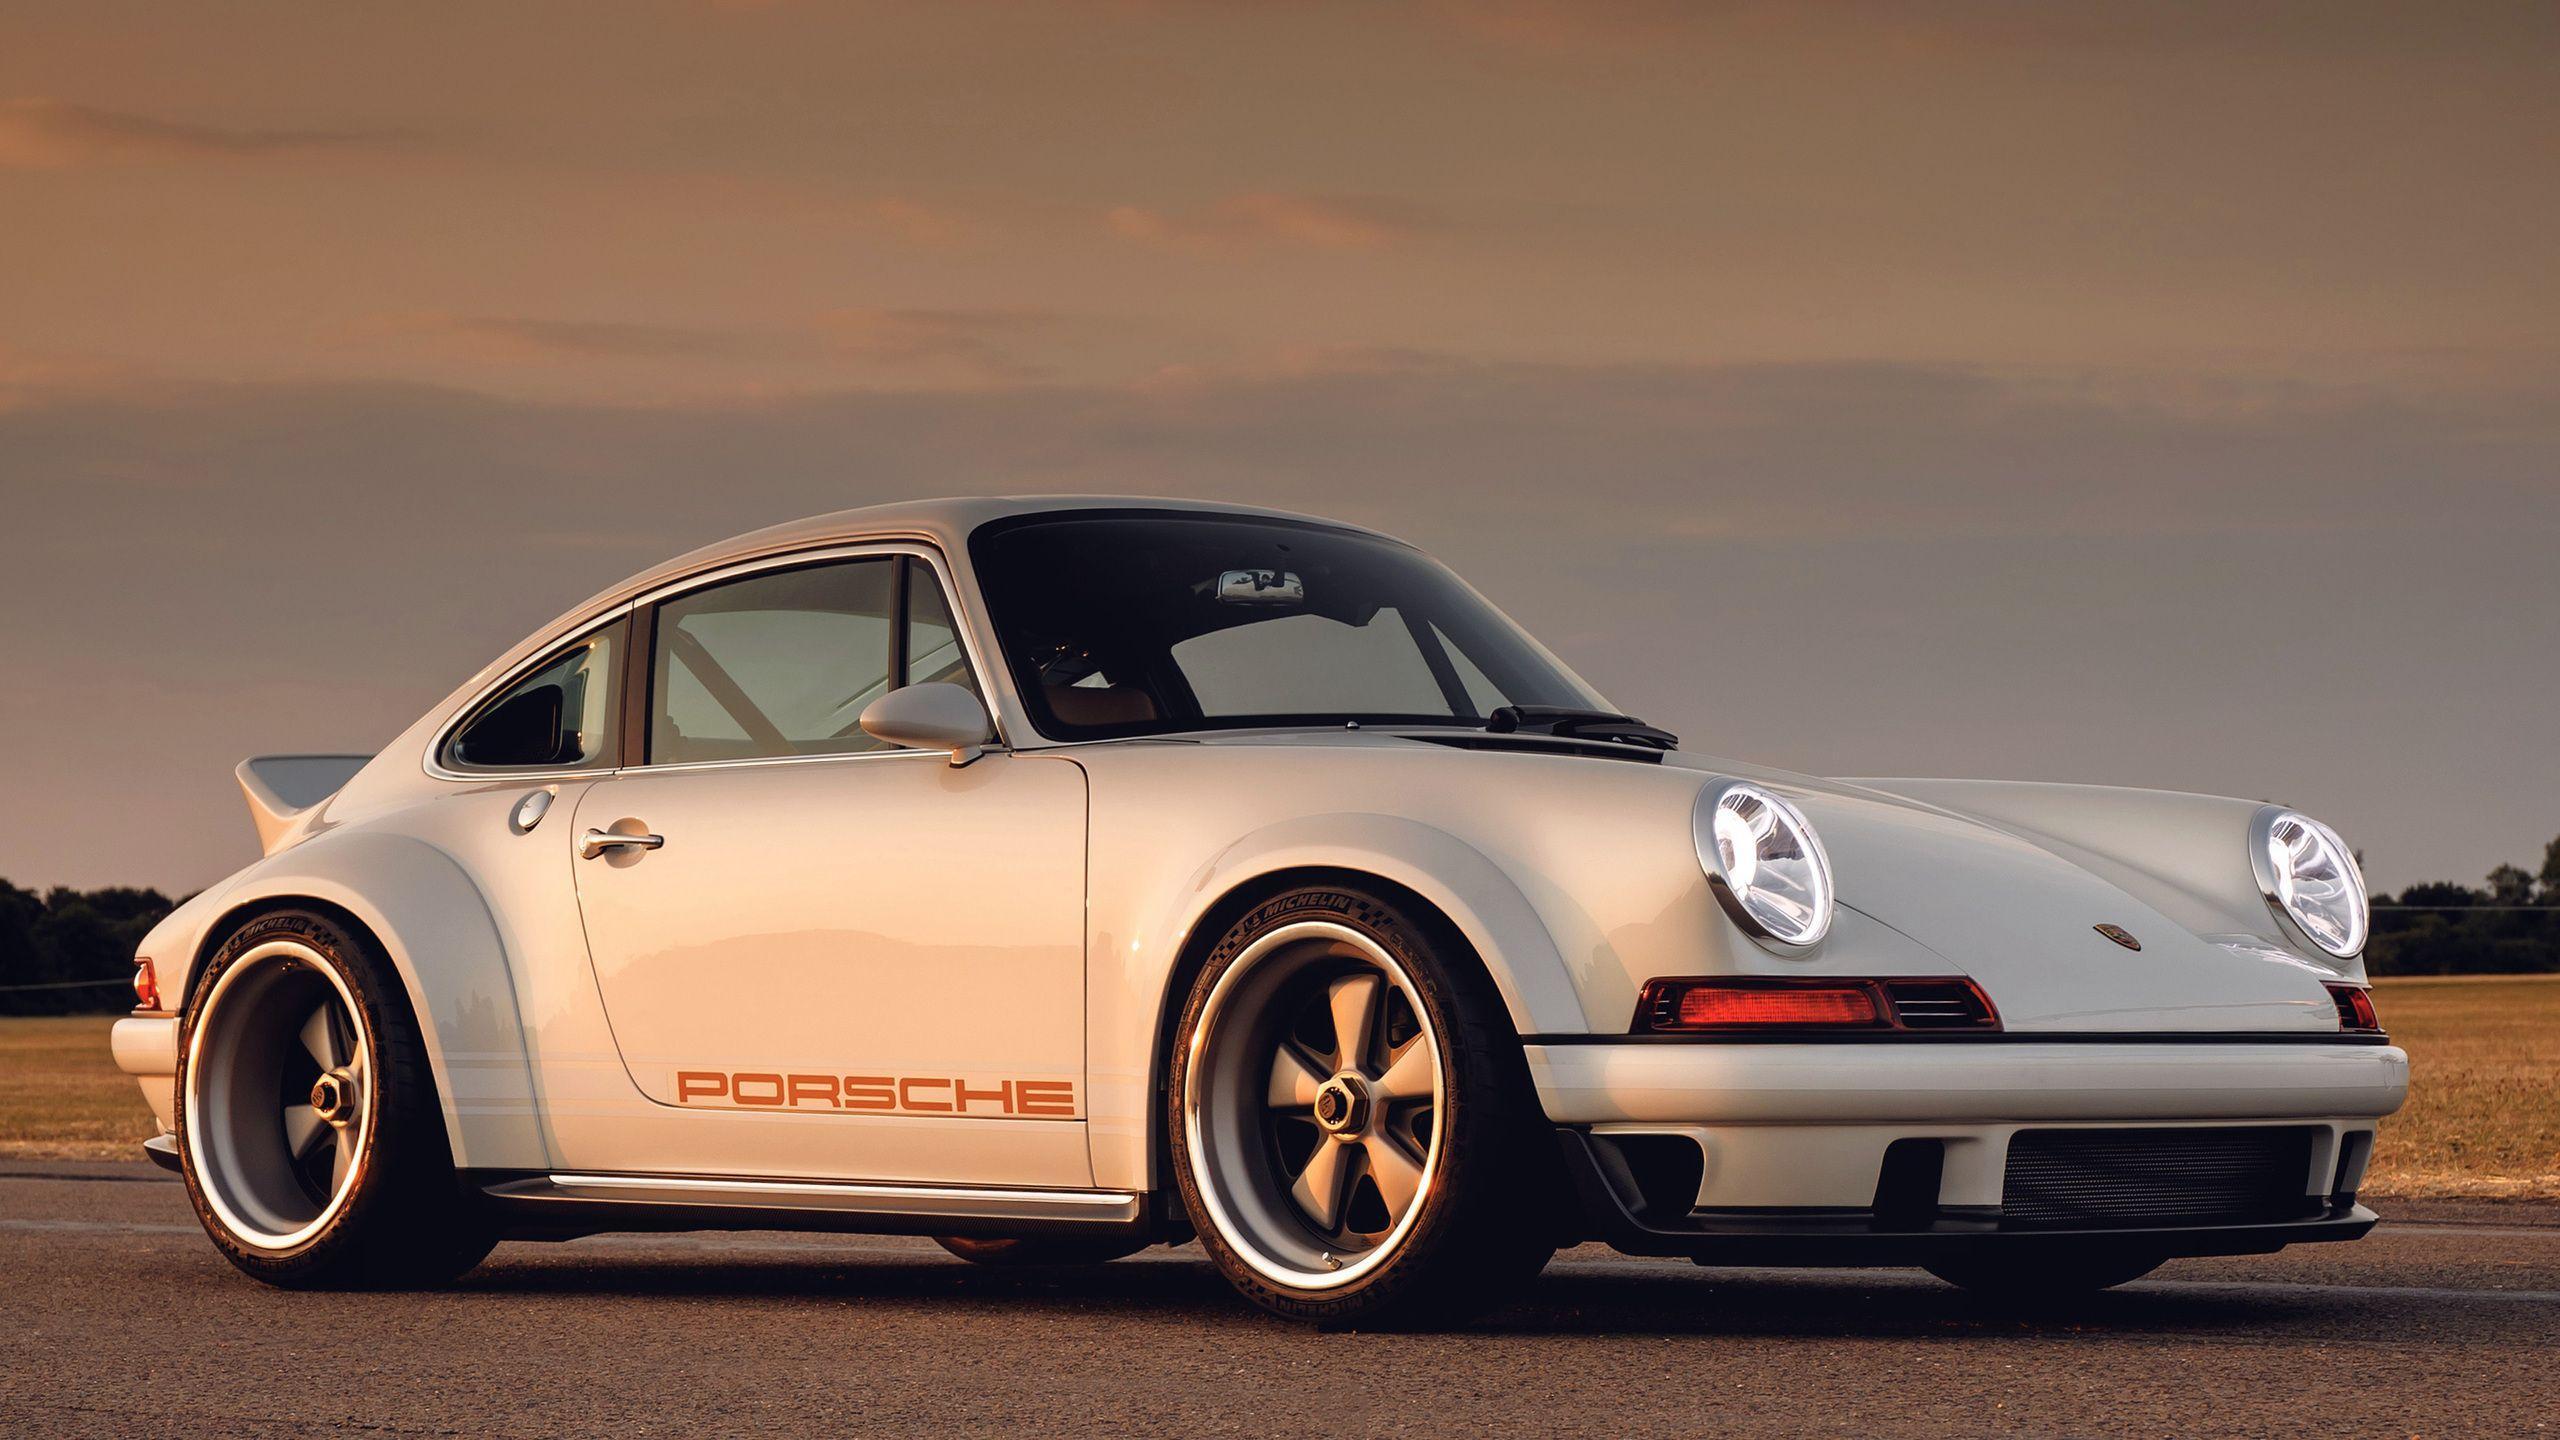 Singer Porsche Wallpapers Top Free Singer Porsche Backgrounds Wallpaperaccess